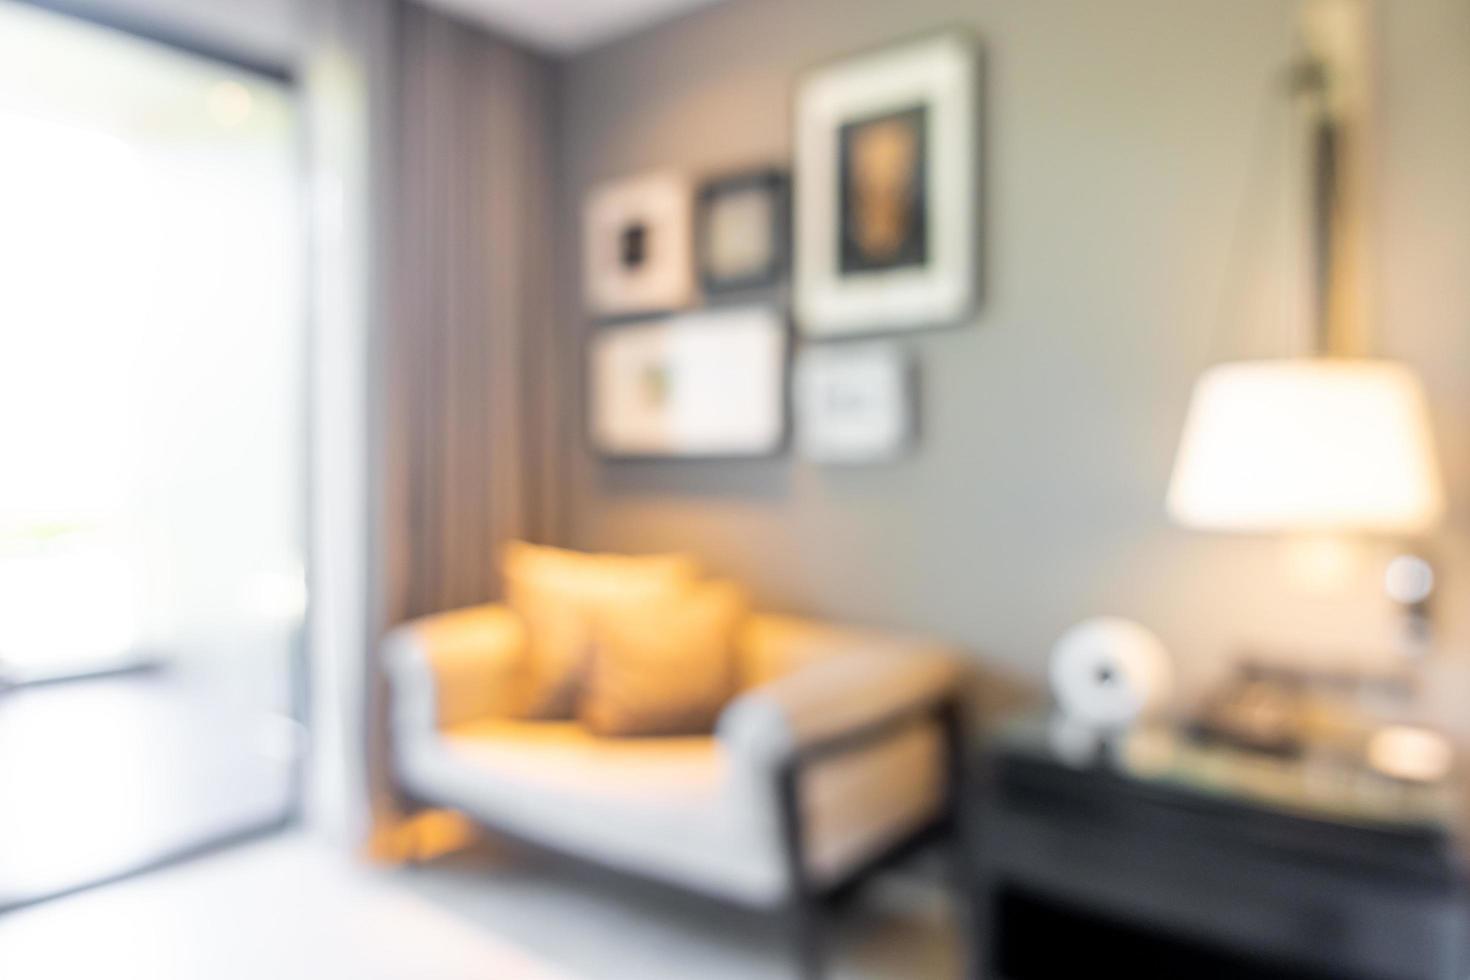 abstrakt oskärpa och inriktad vardagsrumsinredning för bakgrund foto